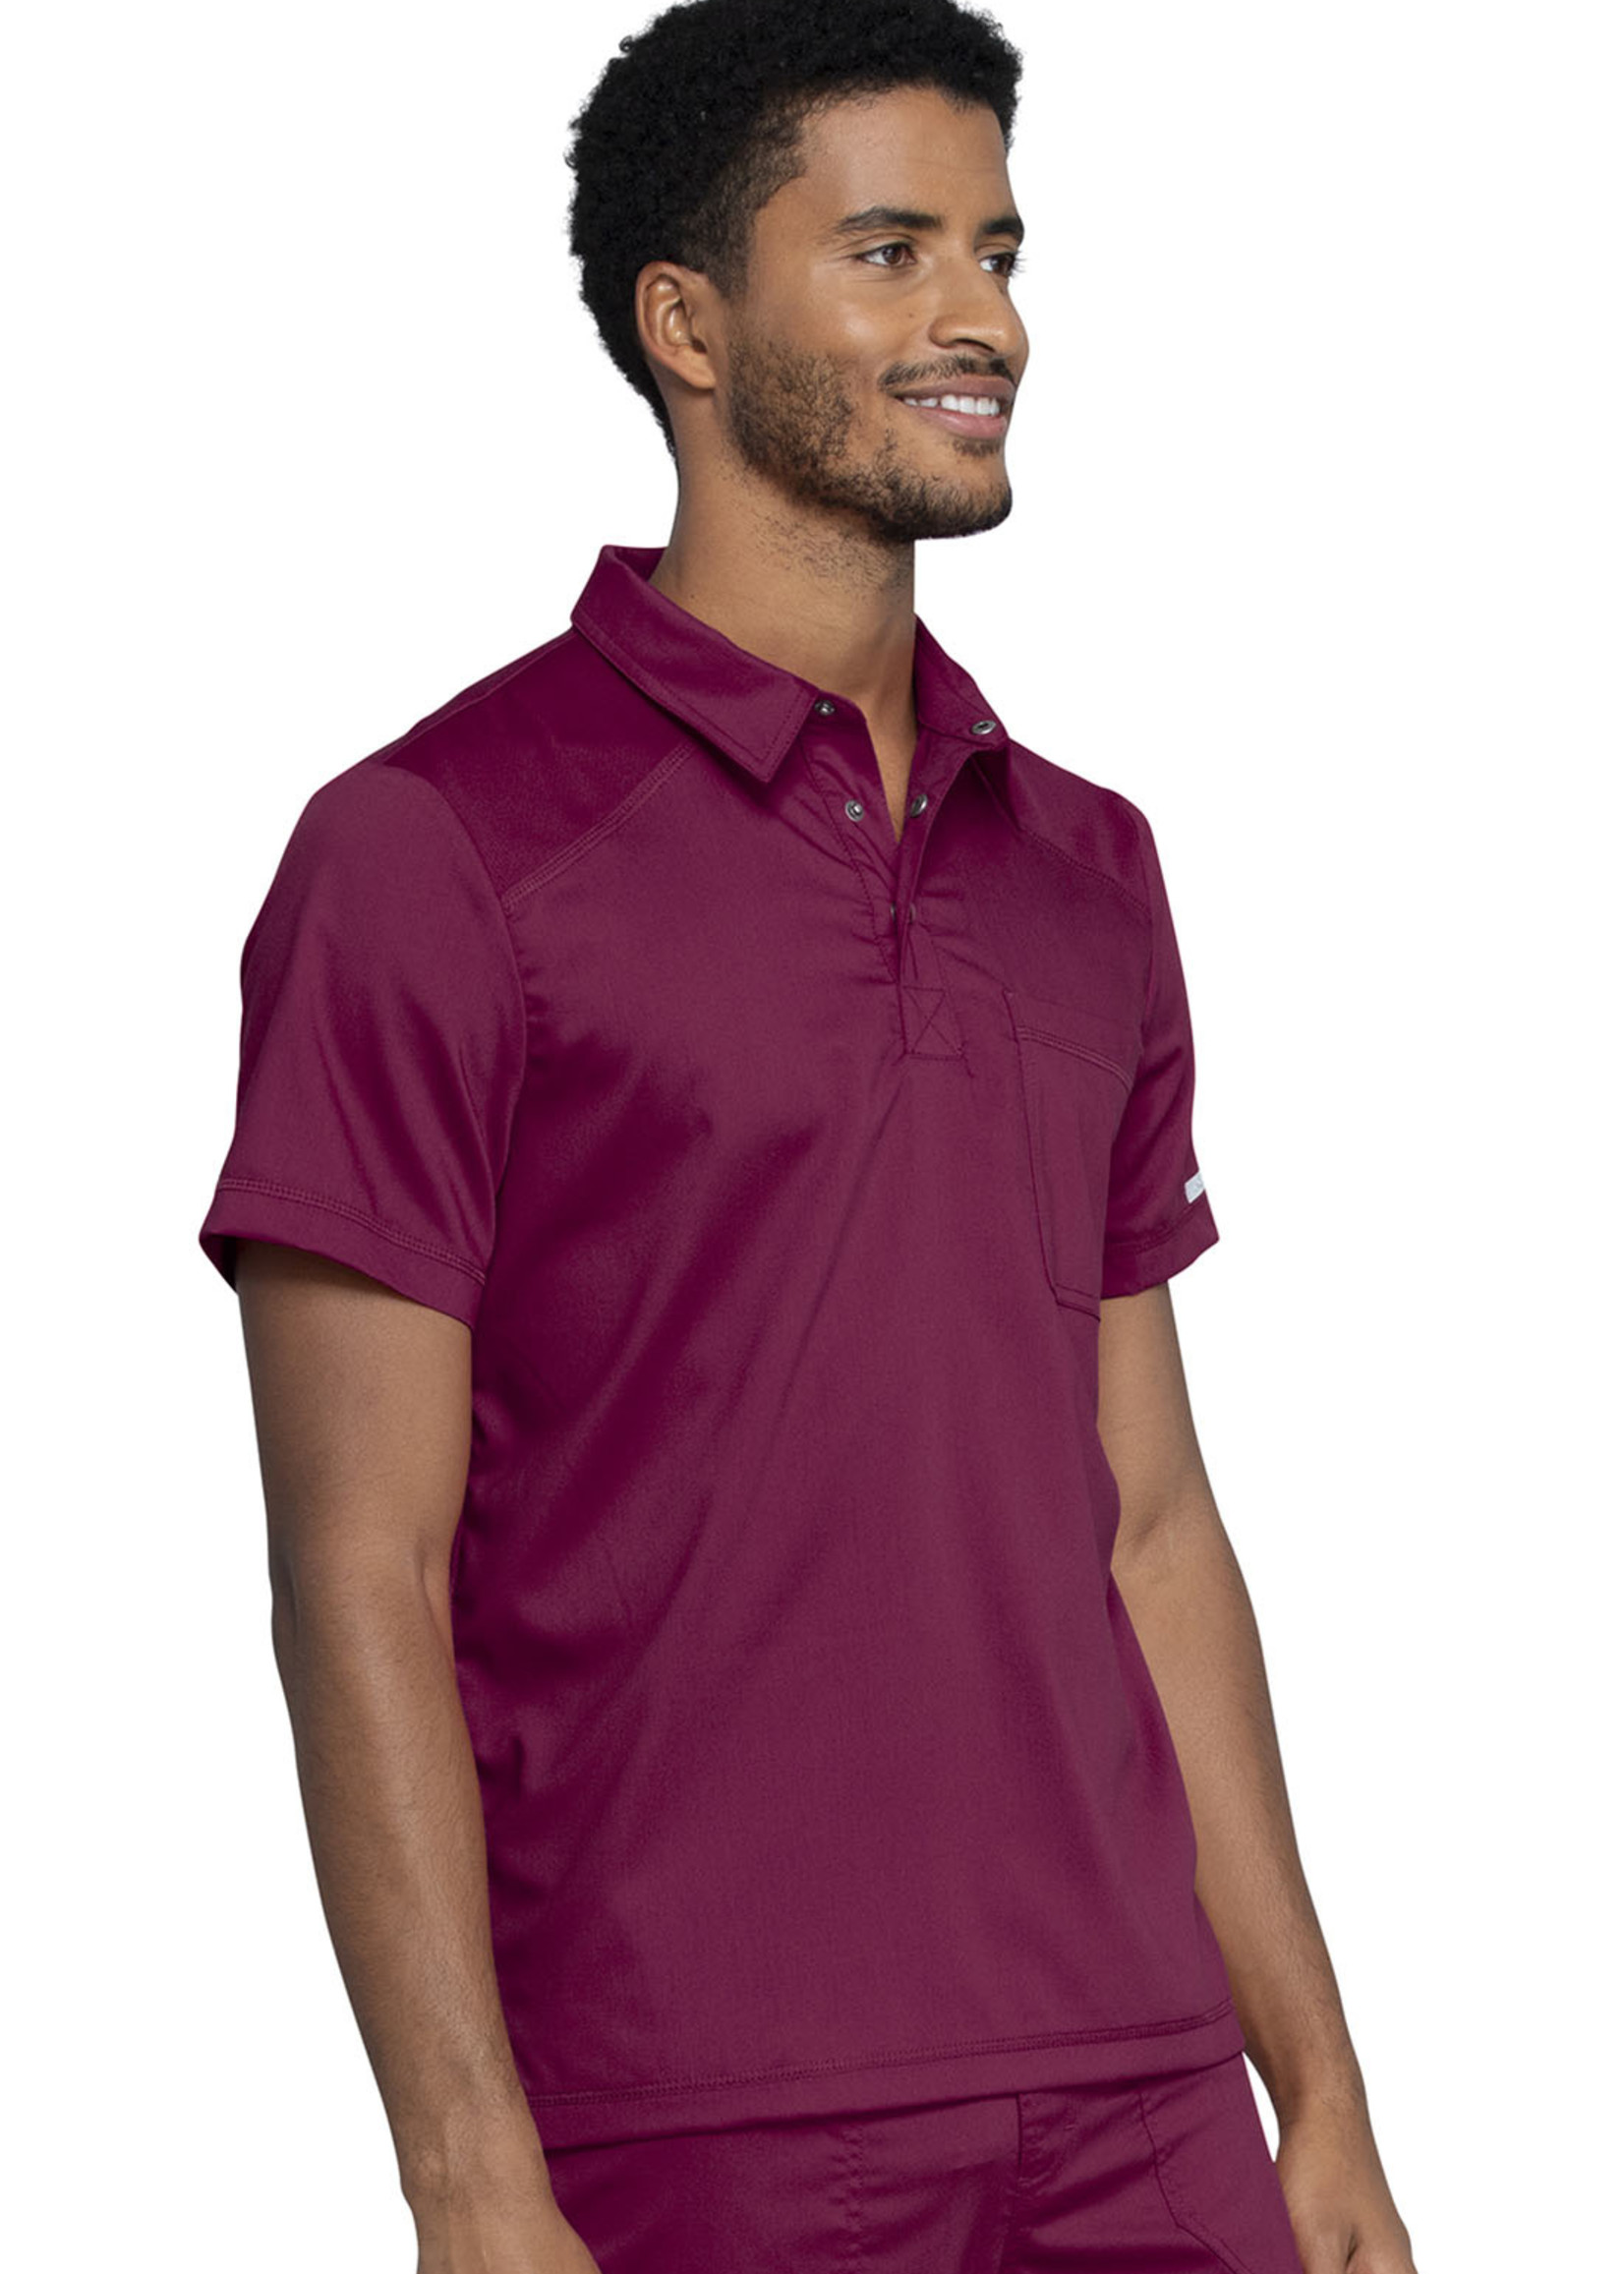 Men's Polo Shirt - Men's Cheroke Workwear Polo Shirt WW615